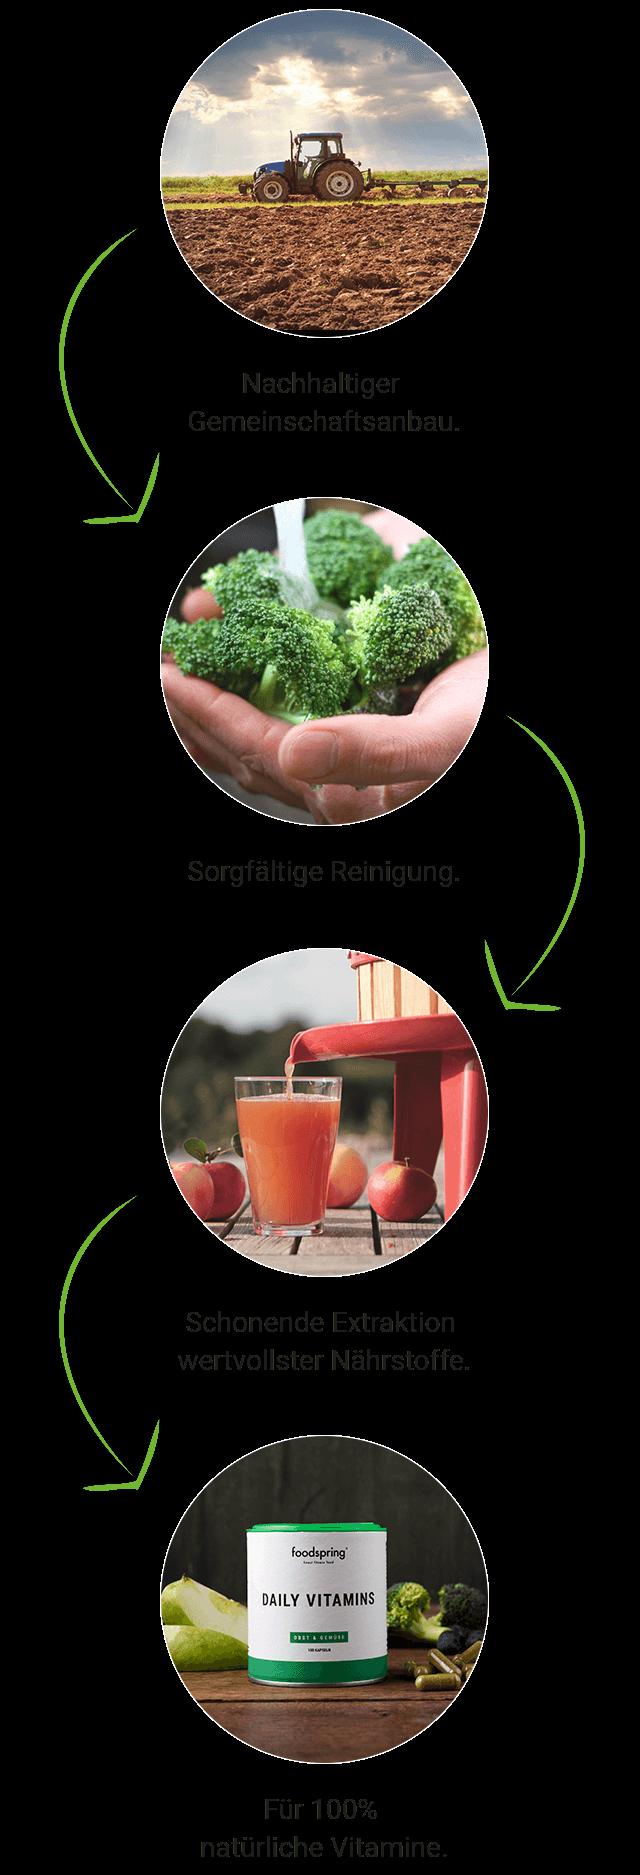 Herstellungsprozess der Daily Vitamins Kapseln